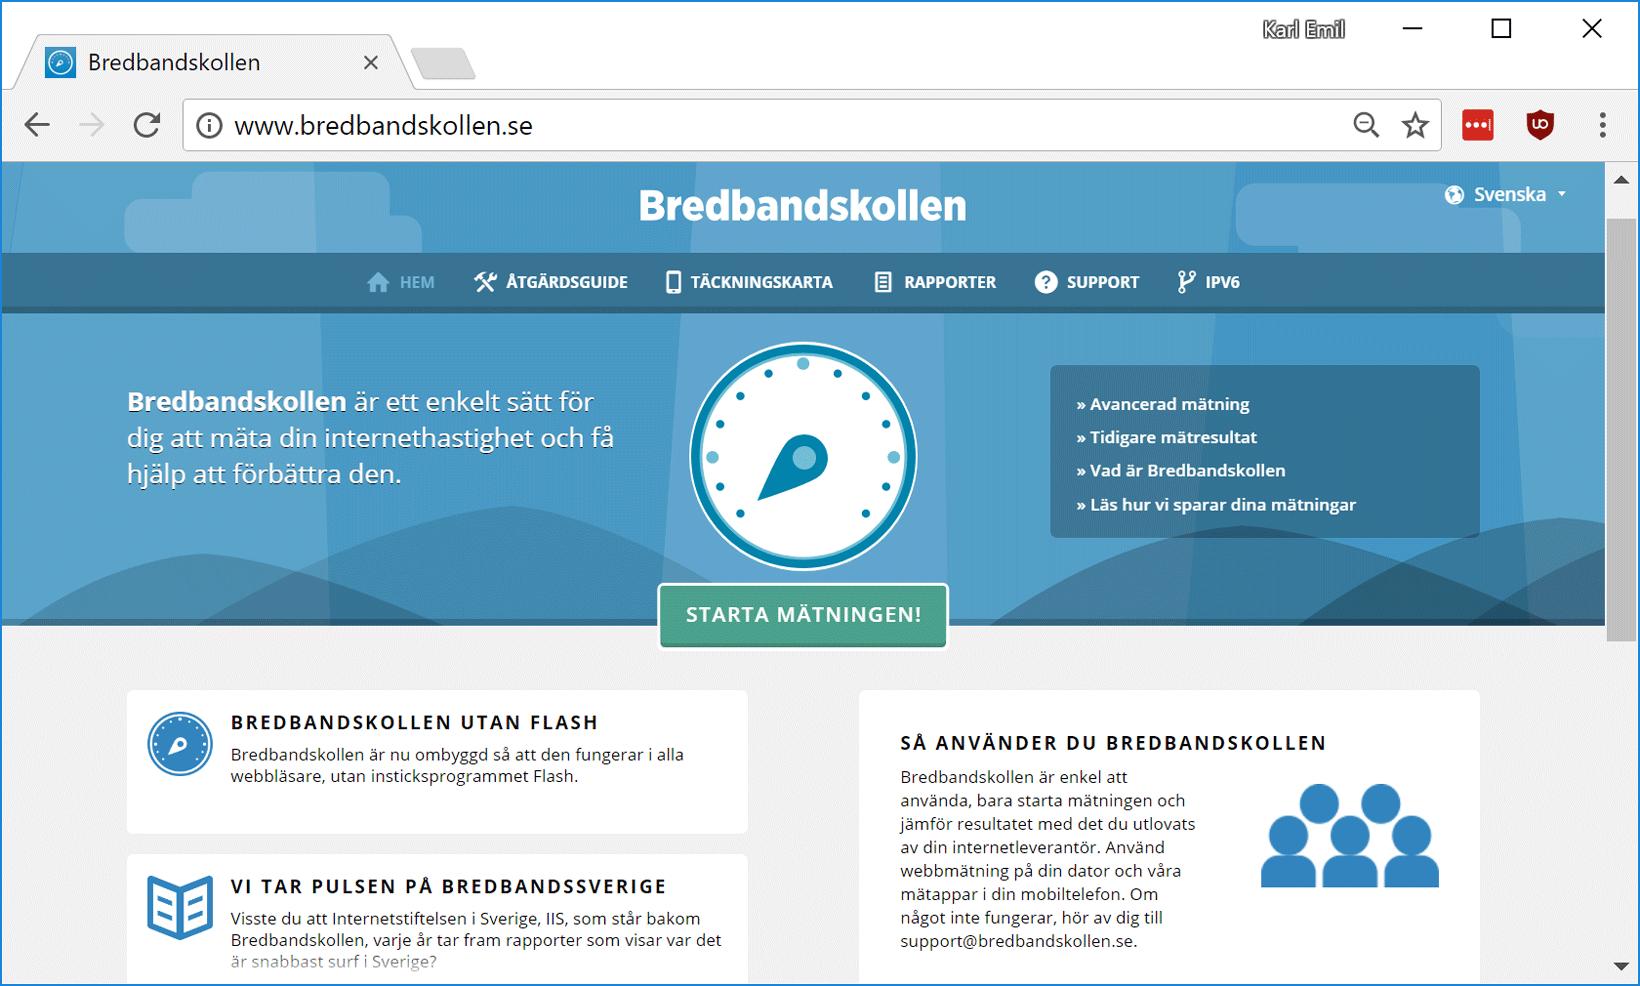 Webbtjänsten Bredbandskollen